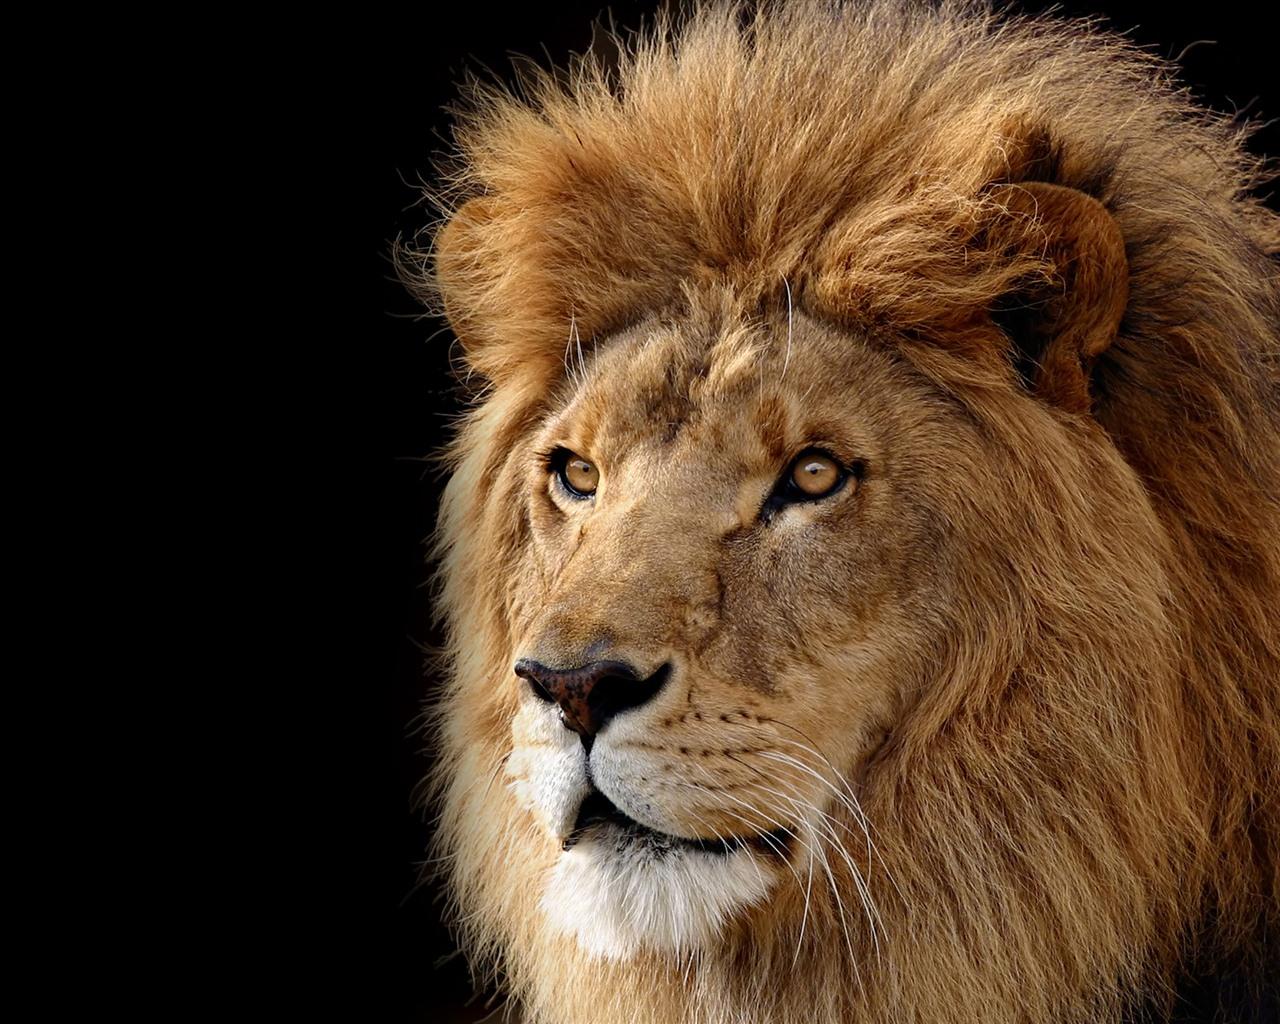 3d lion 1280 - photo #4